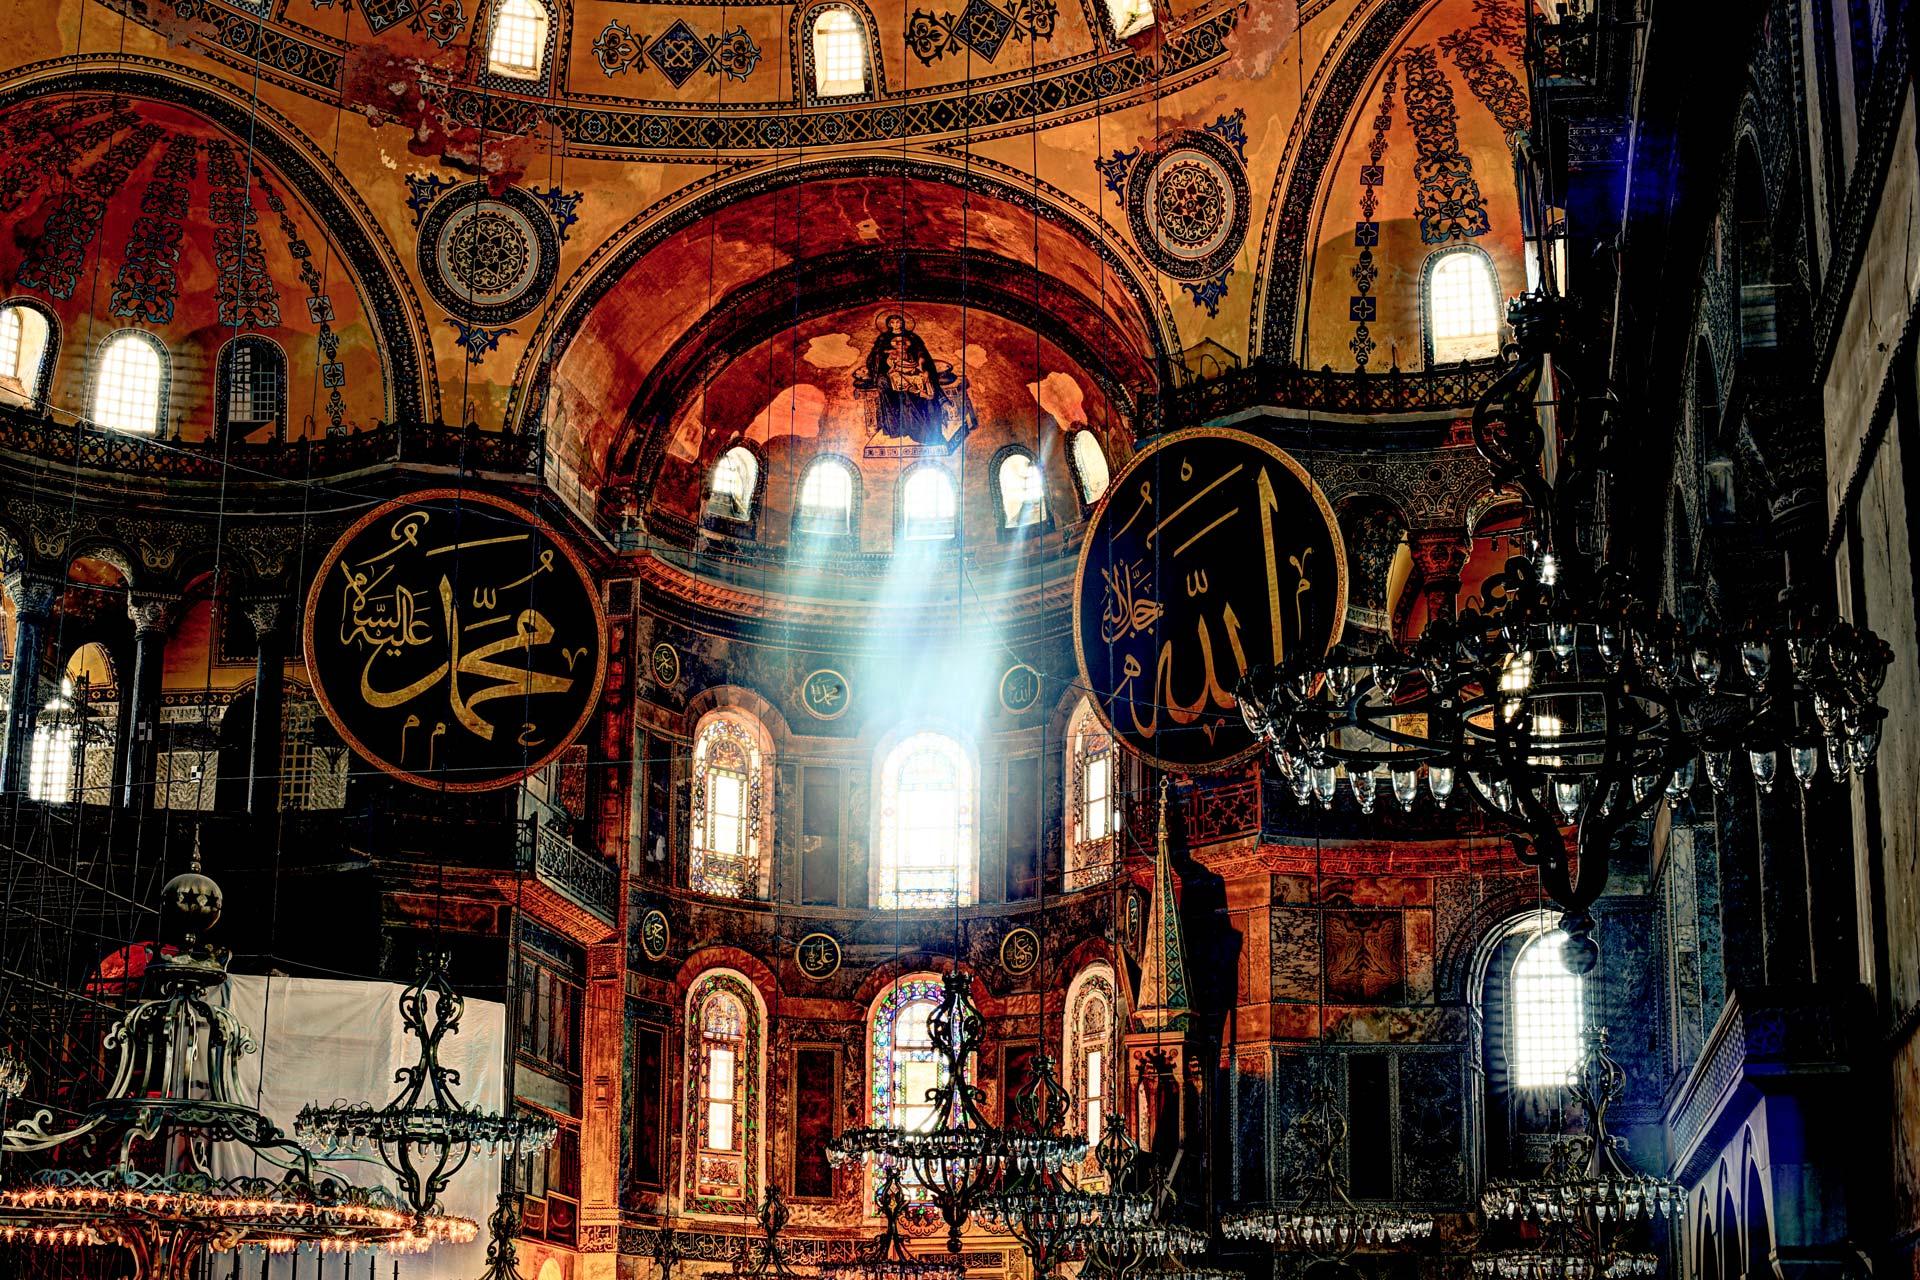 Reisefotografie - Hagia Sophia